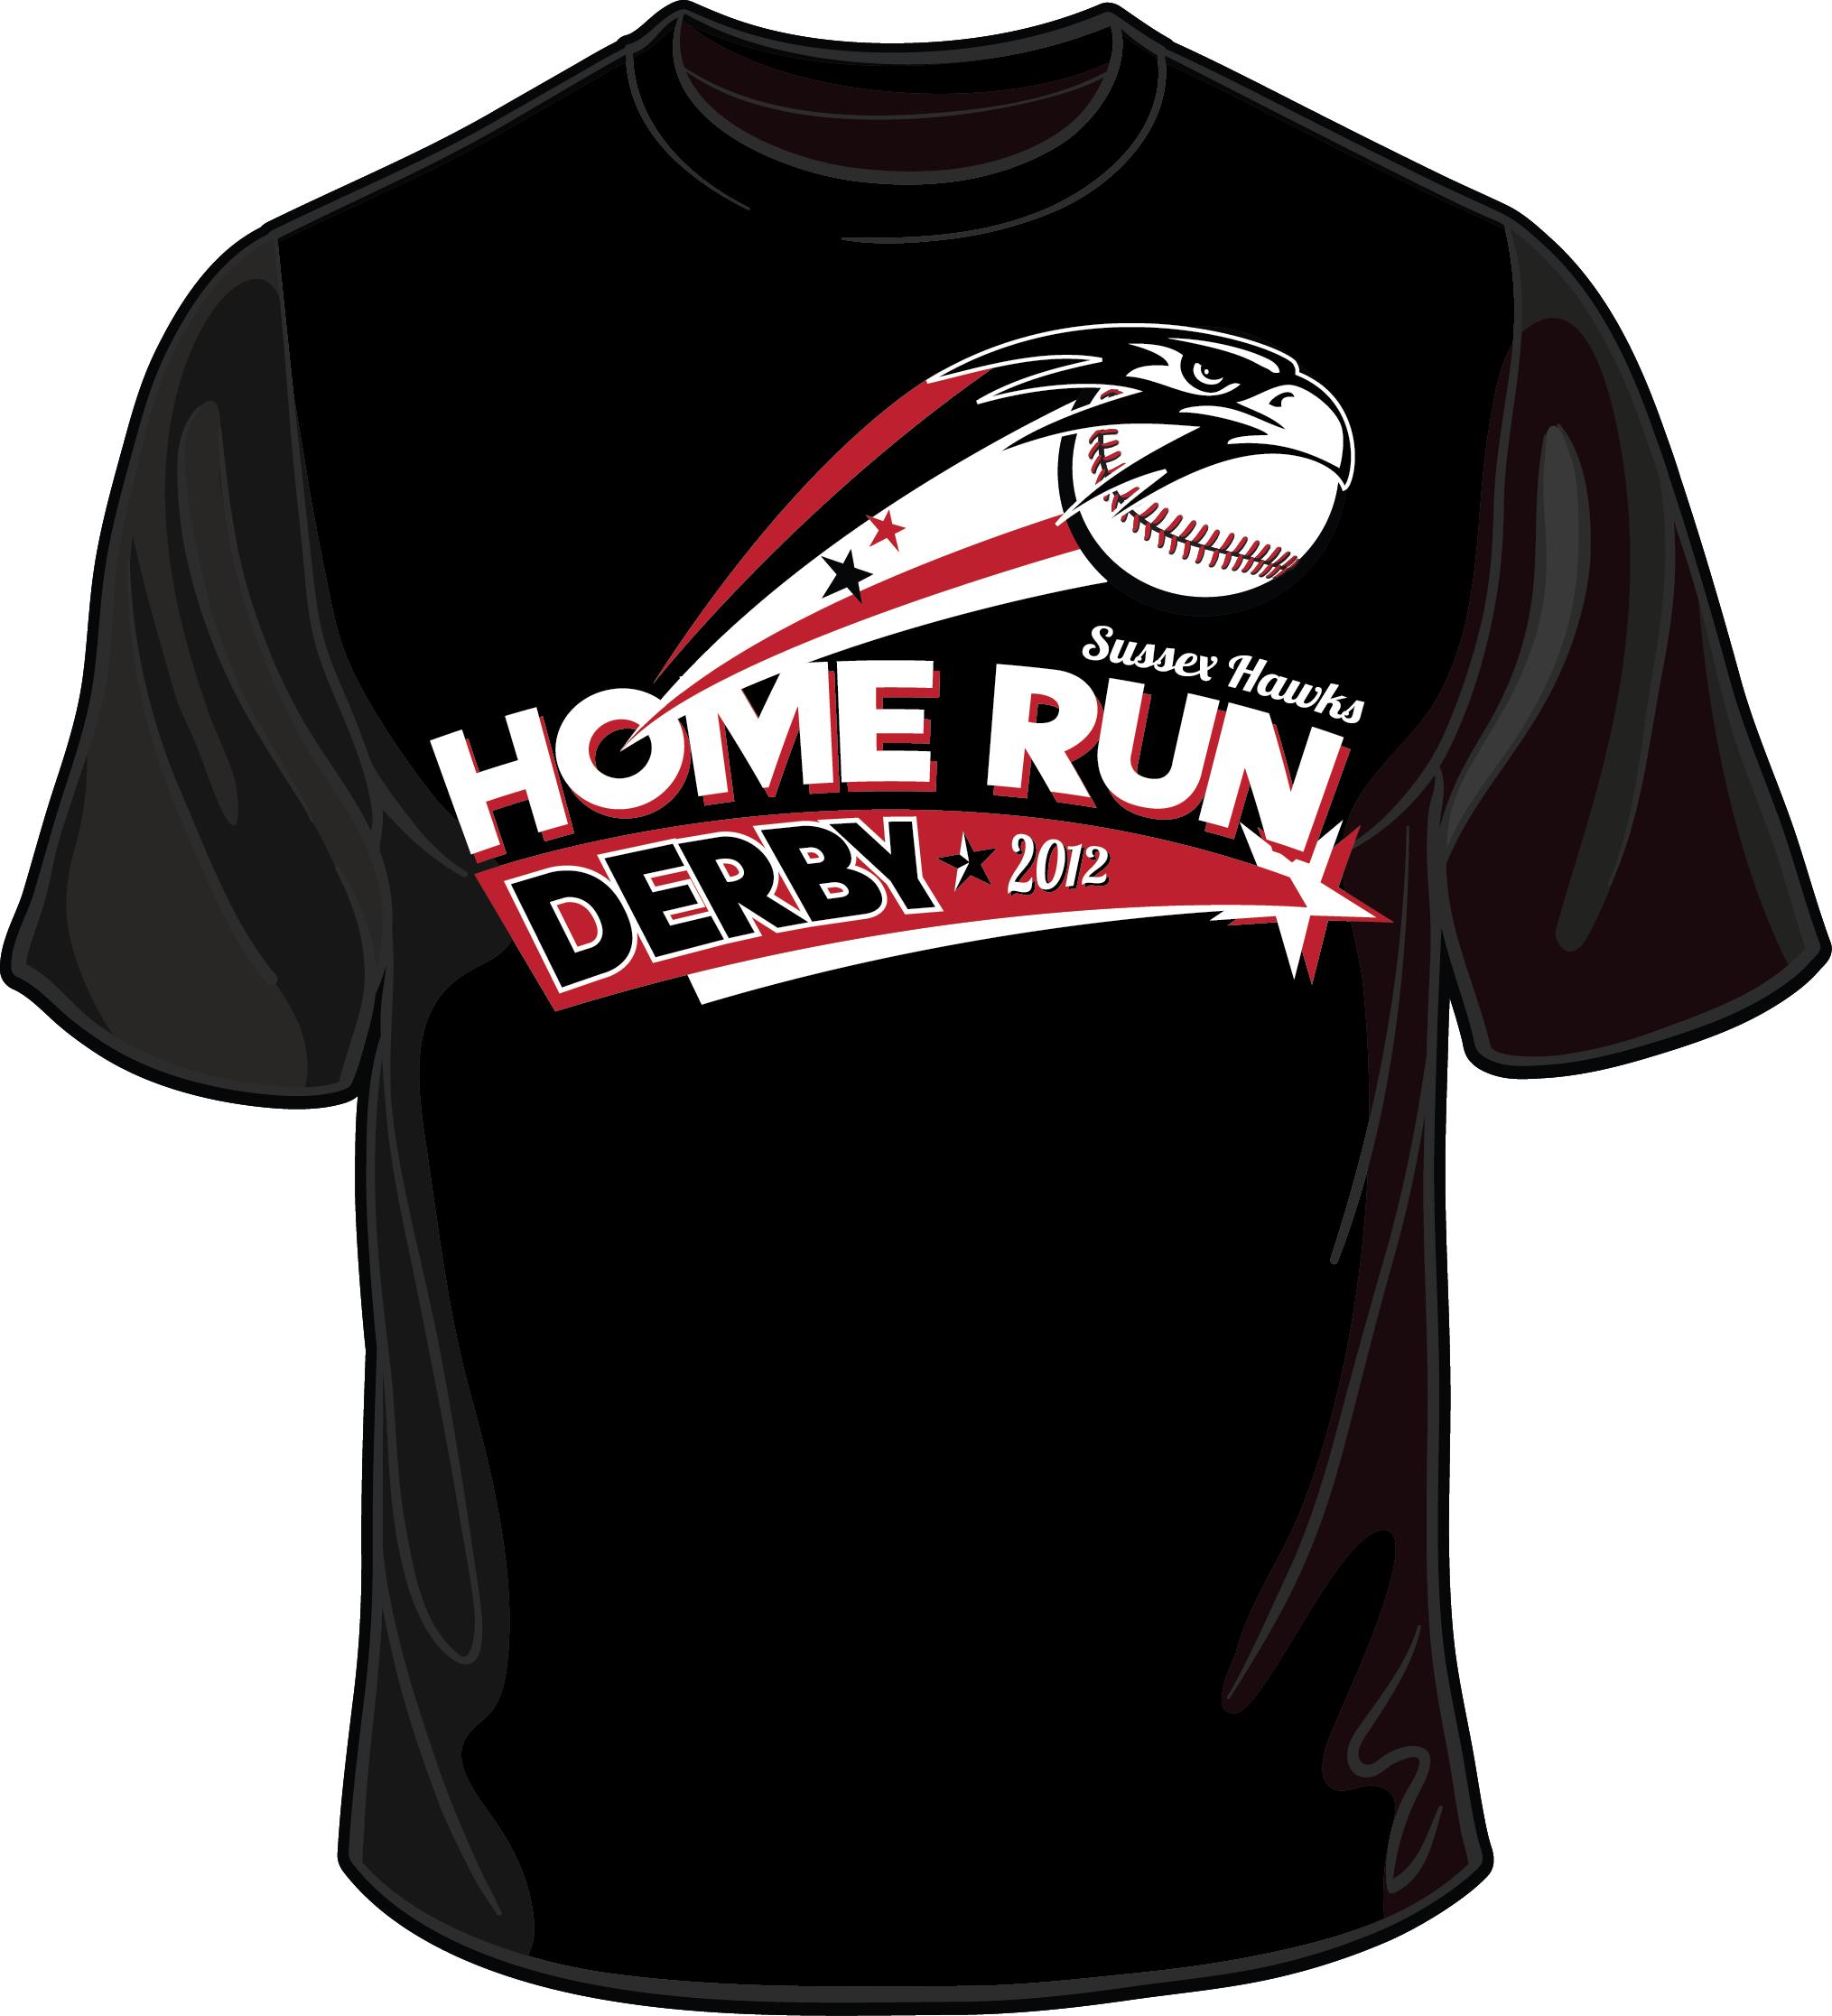 home run derby logo 2012 shirt